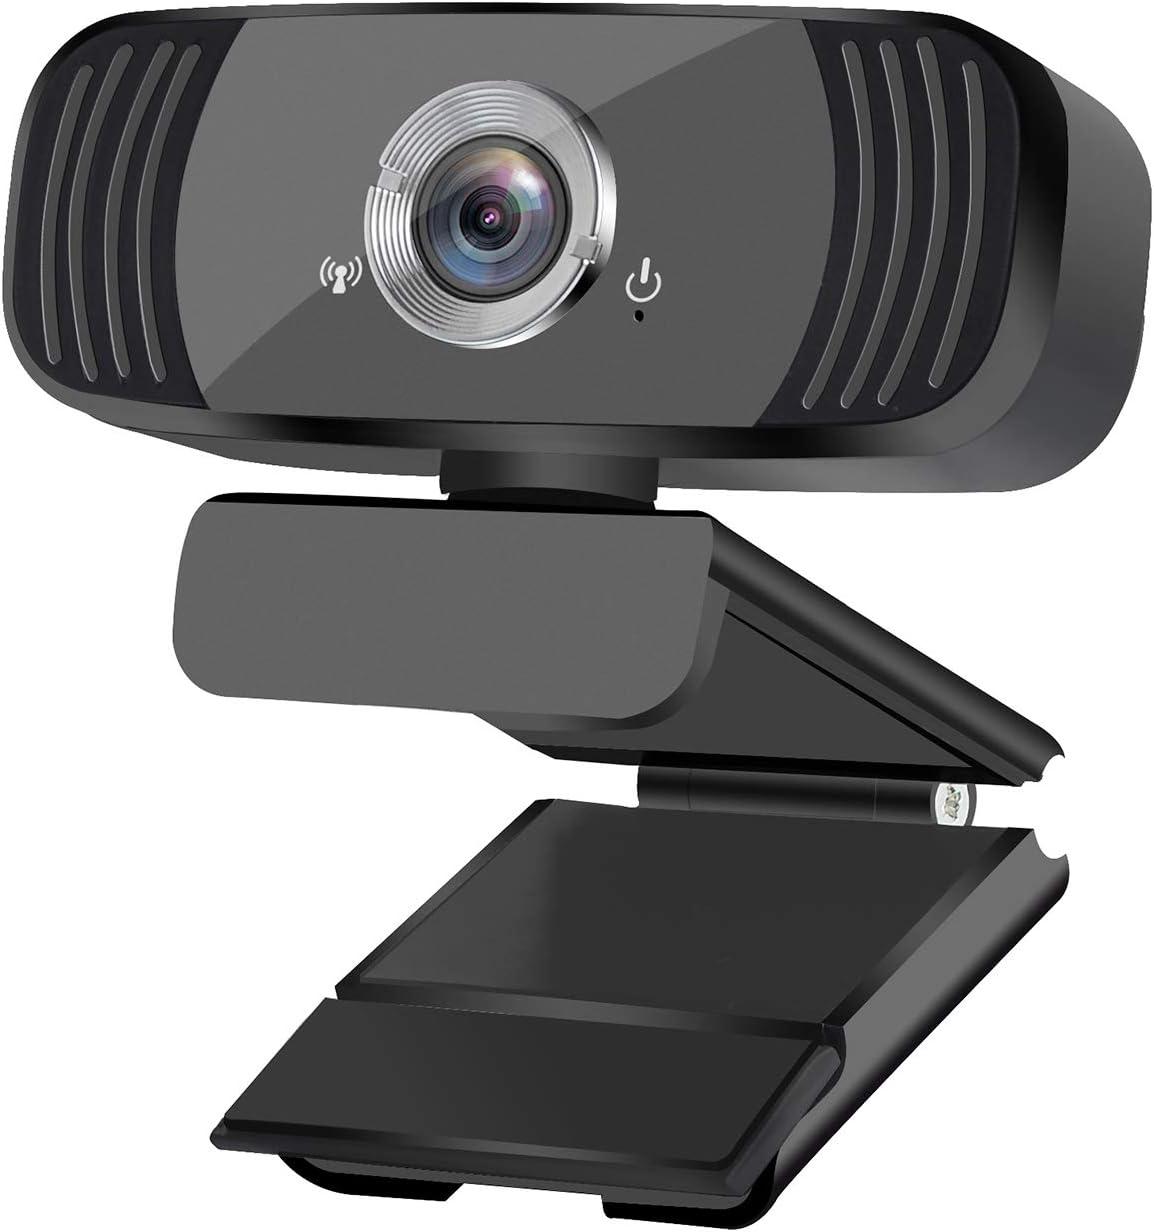 TGeng 1080p USB Webcam $15  Coupon